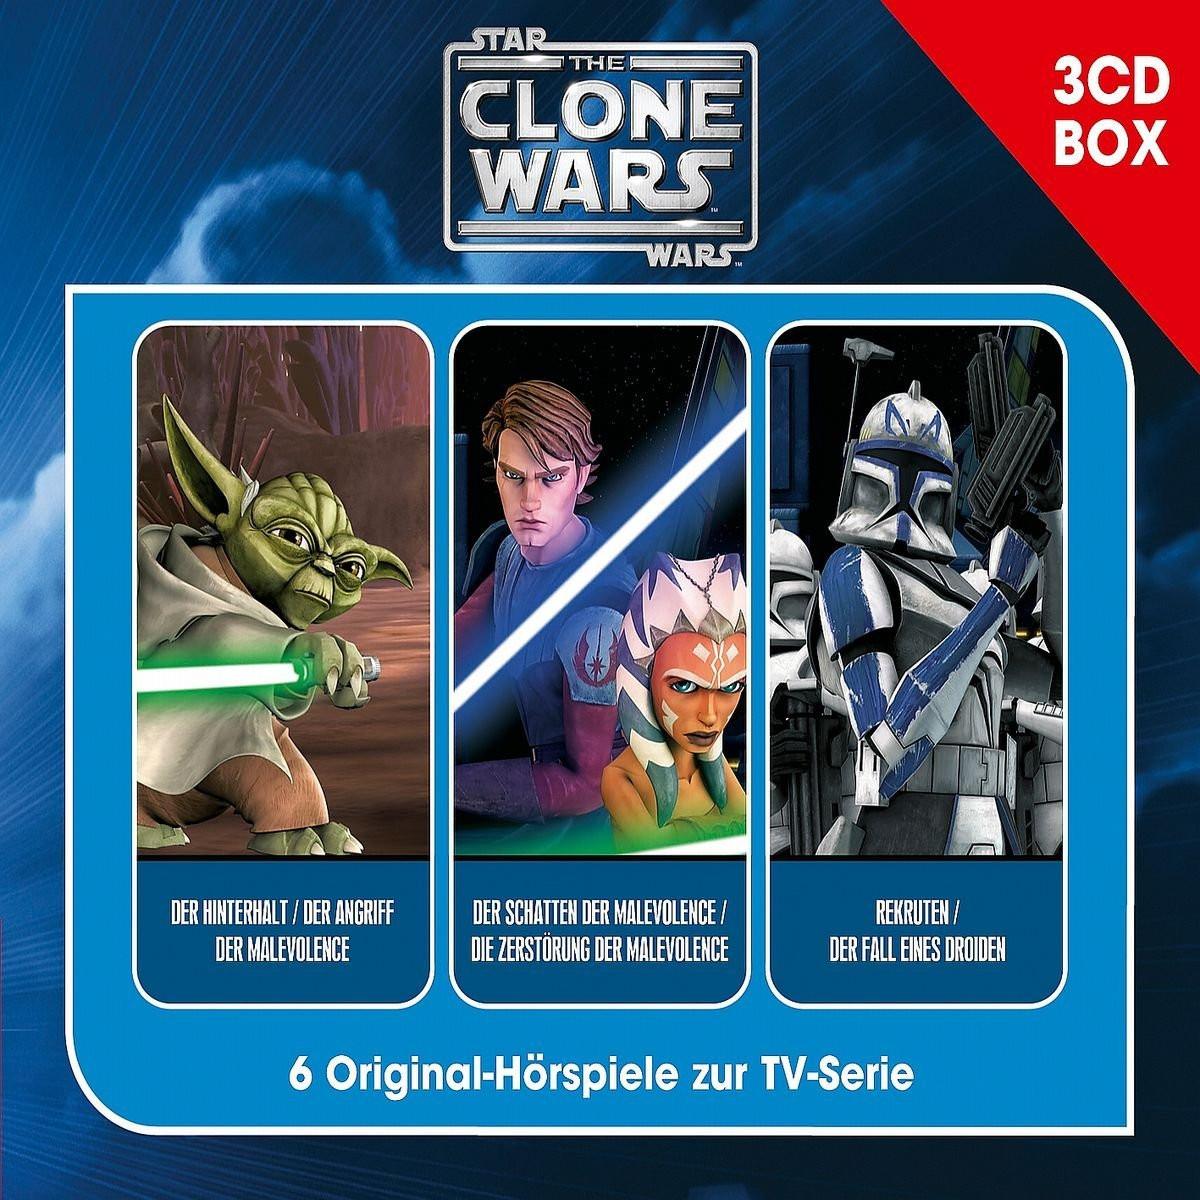 Star Wars - The Clone Wars - 3-CD Hörspielbox Vol. 1